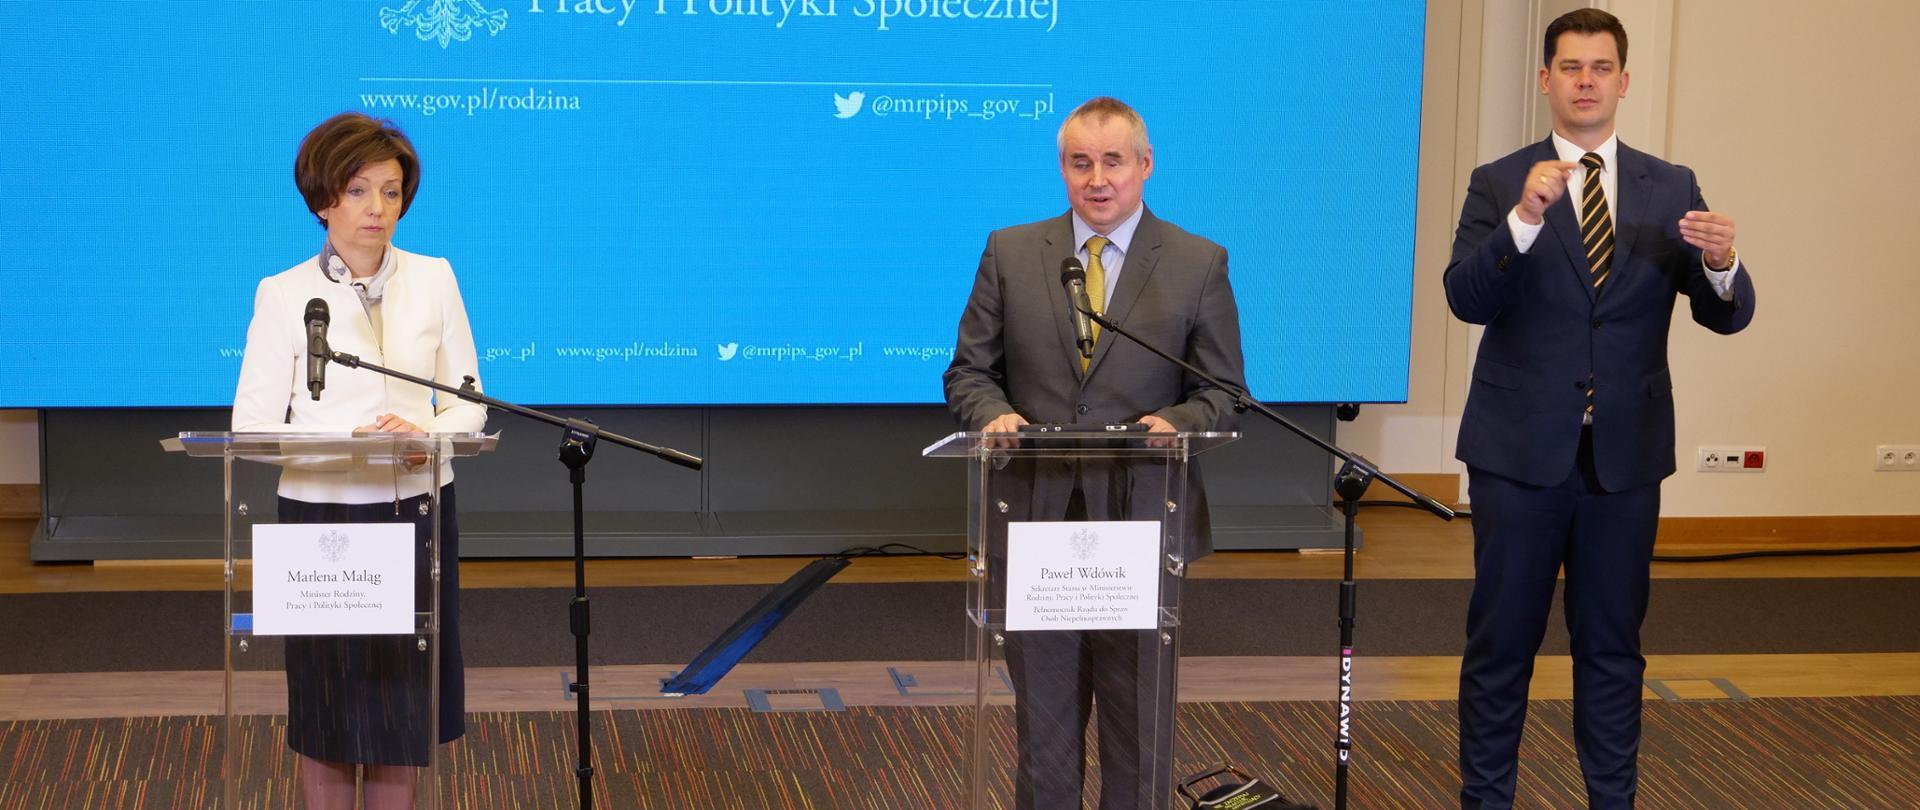 briefing z udziałem minister Marleny Maląg i wiceministra Pawła Wdówika